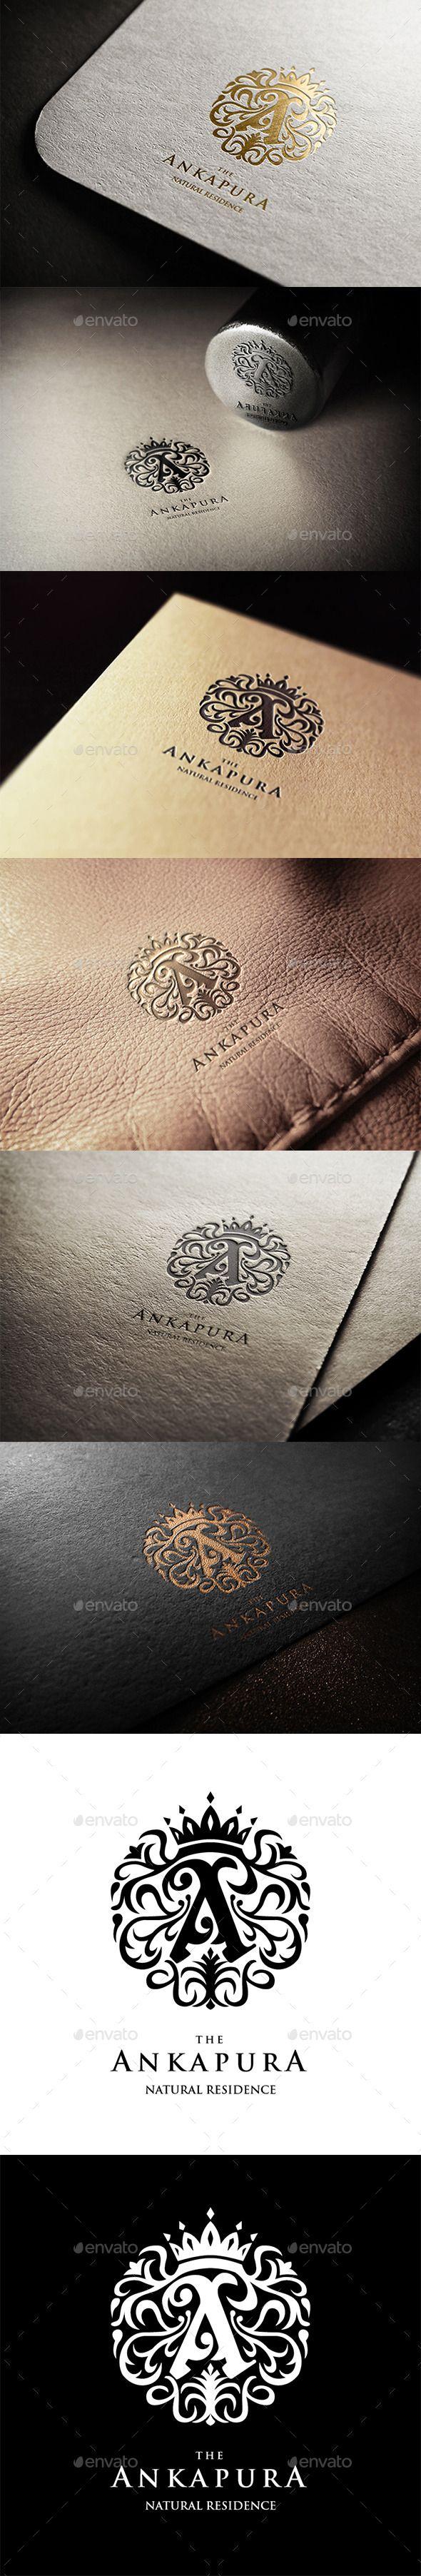 Angkapura Residence Logo Template #design #logotype Download: http://graphicriver.net/item/angkapura-residence-logo/11270532?ref=ksioks